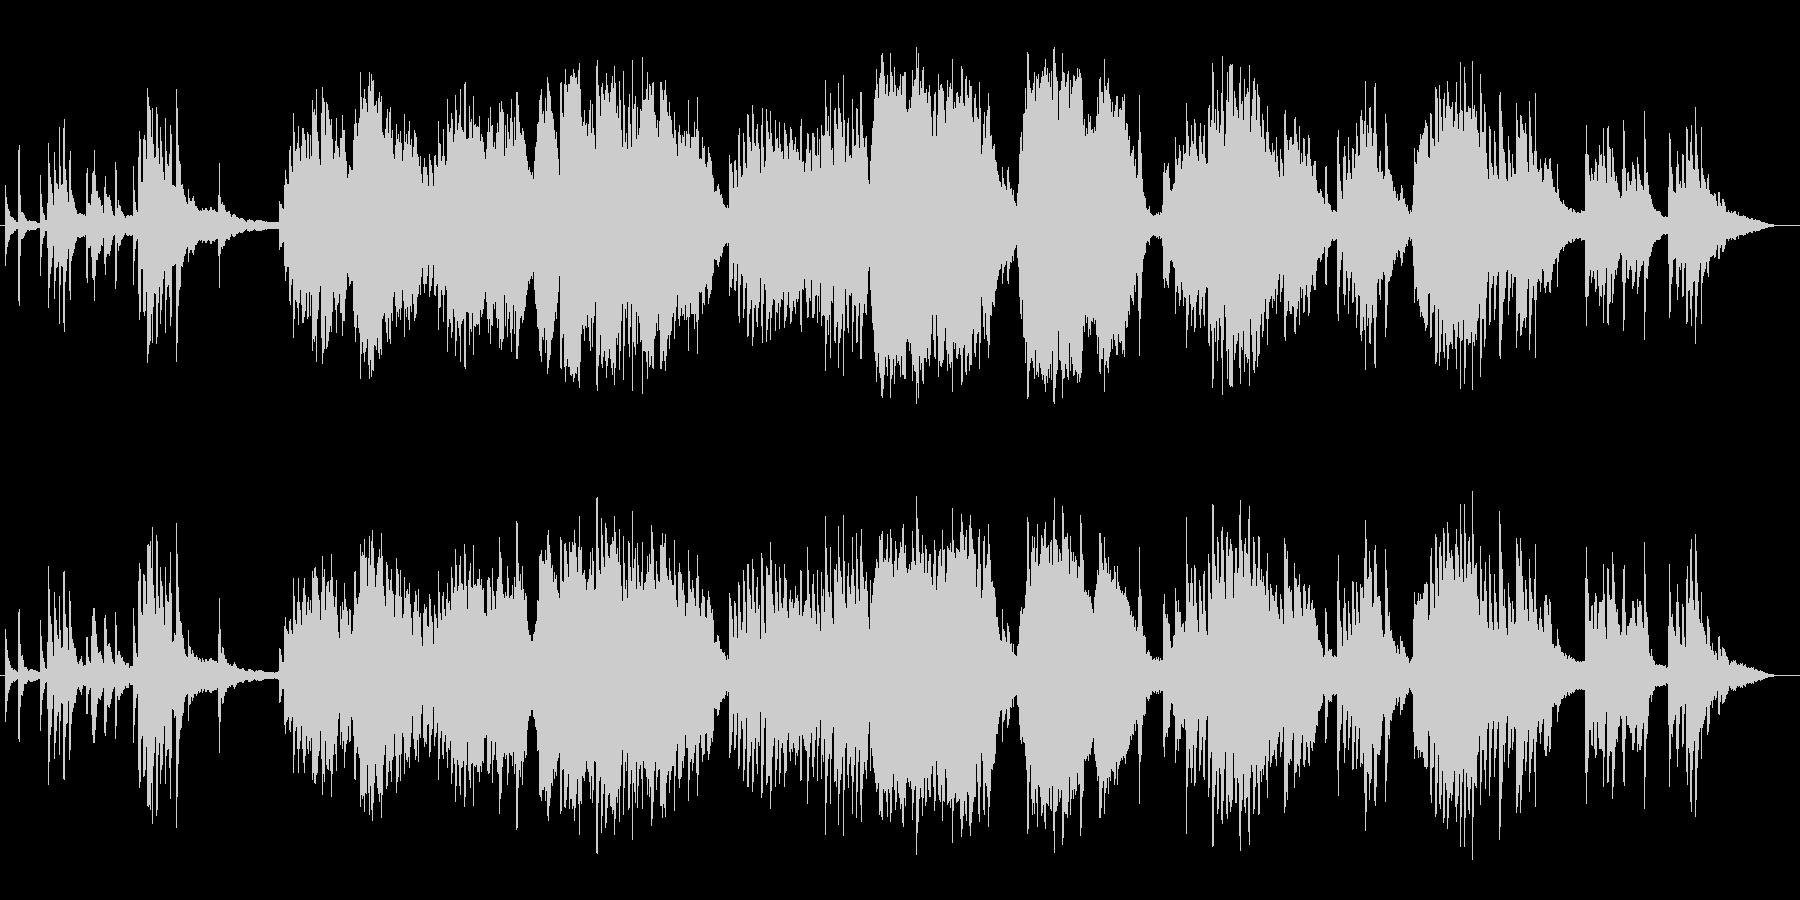 美しく透明感のピアノバイオリンサウンドの未再生の波形